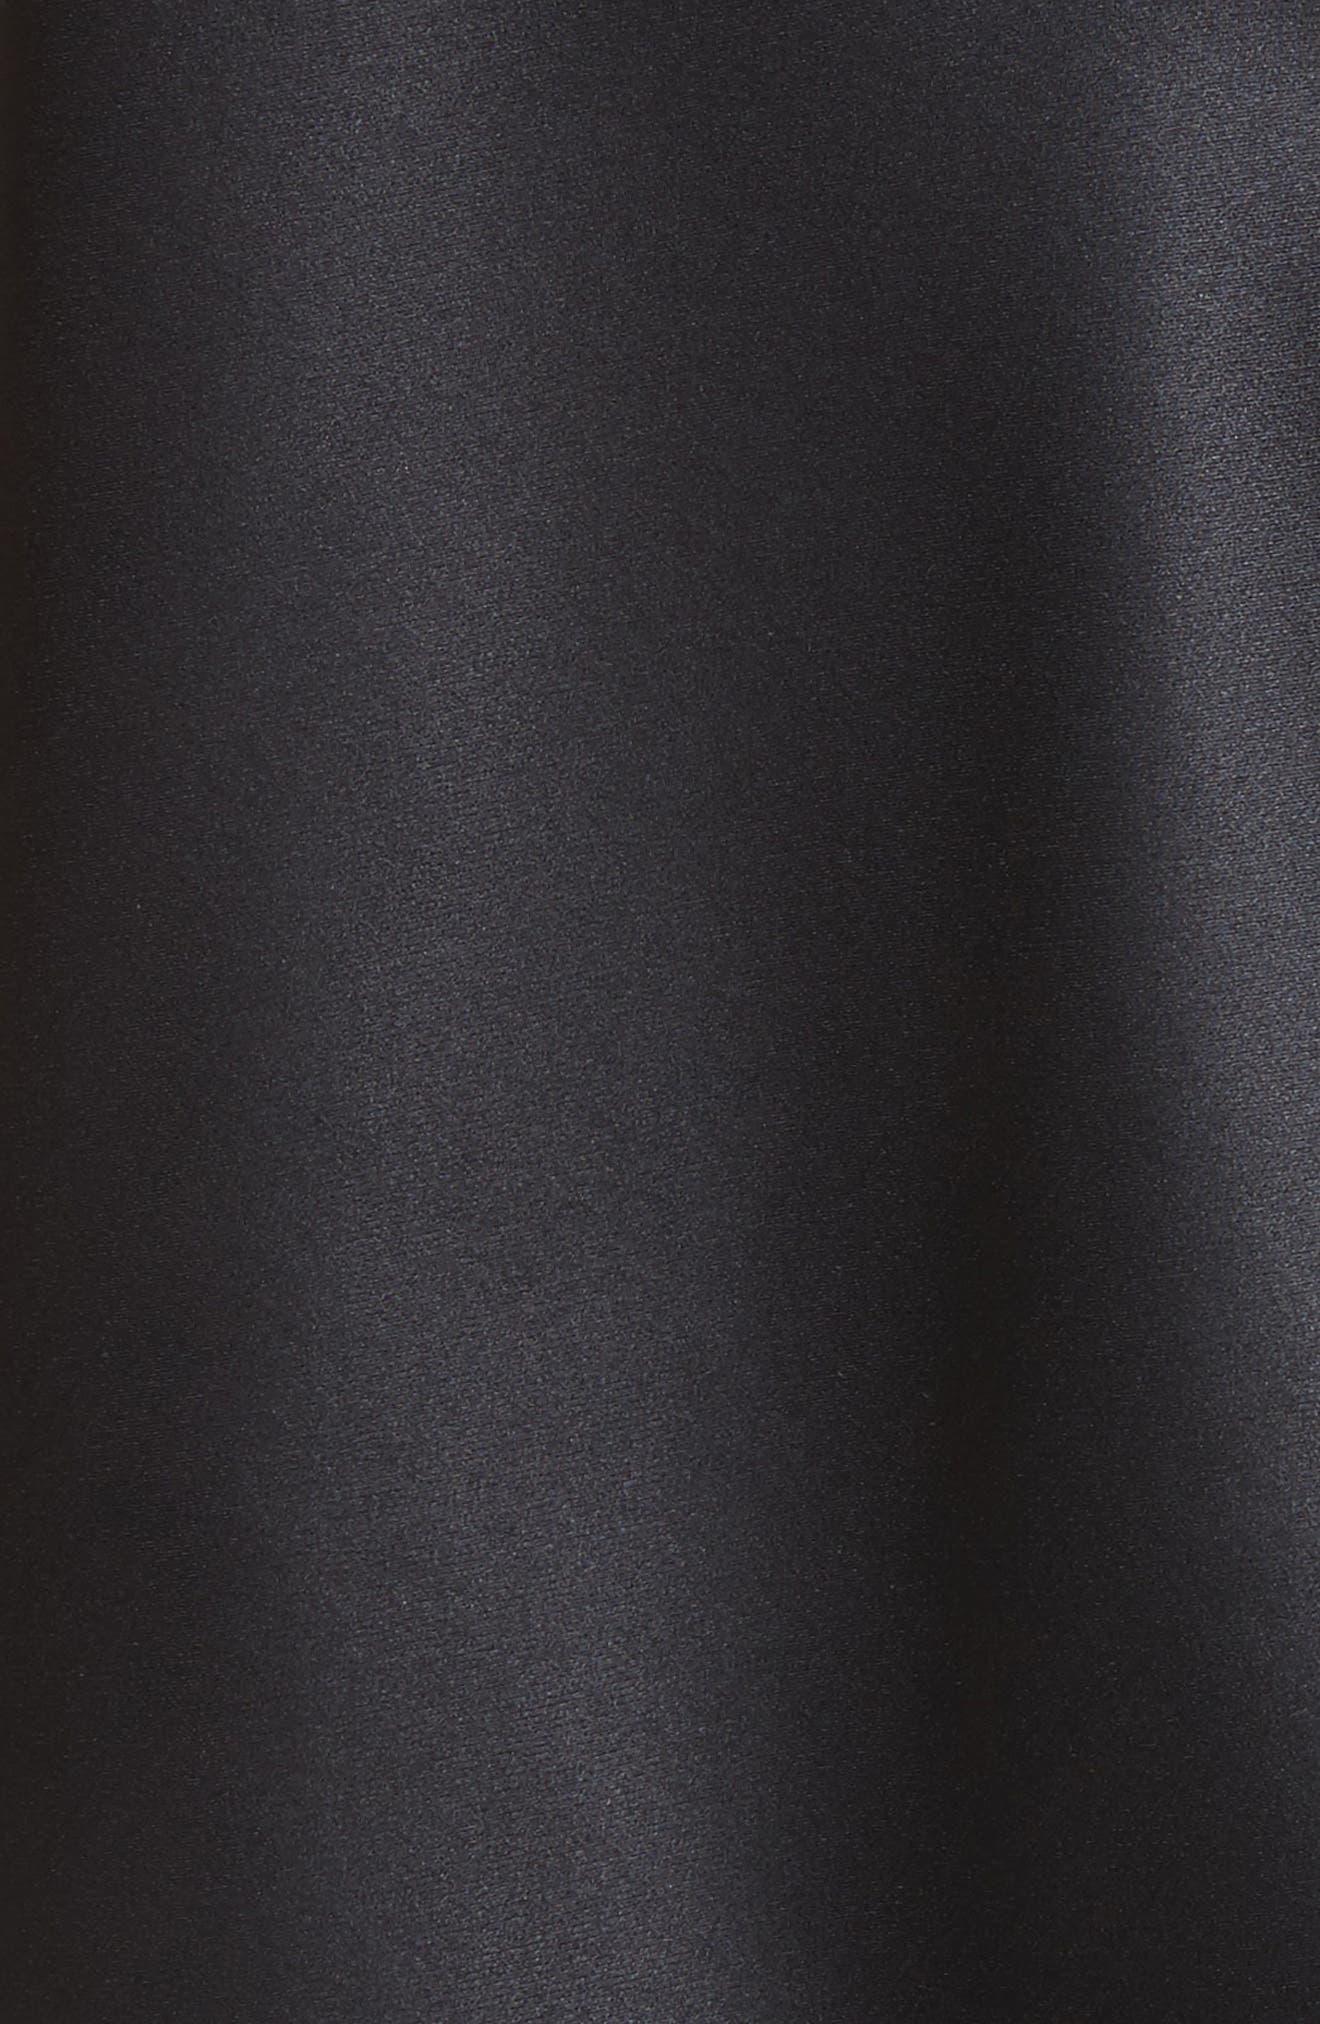 Claire Lace Pocket Camisole,                             Alternate thumbnail 5, color,                             001